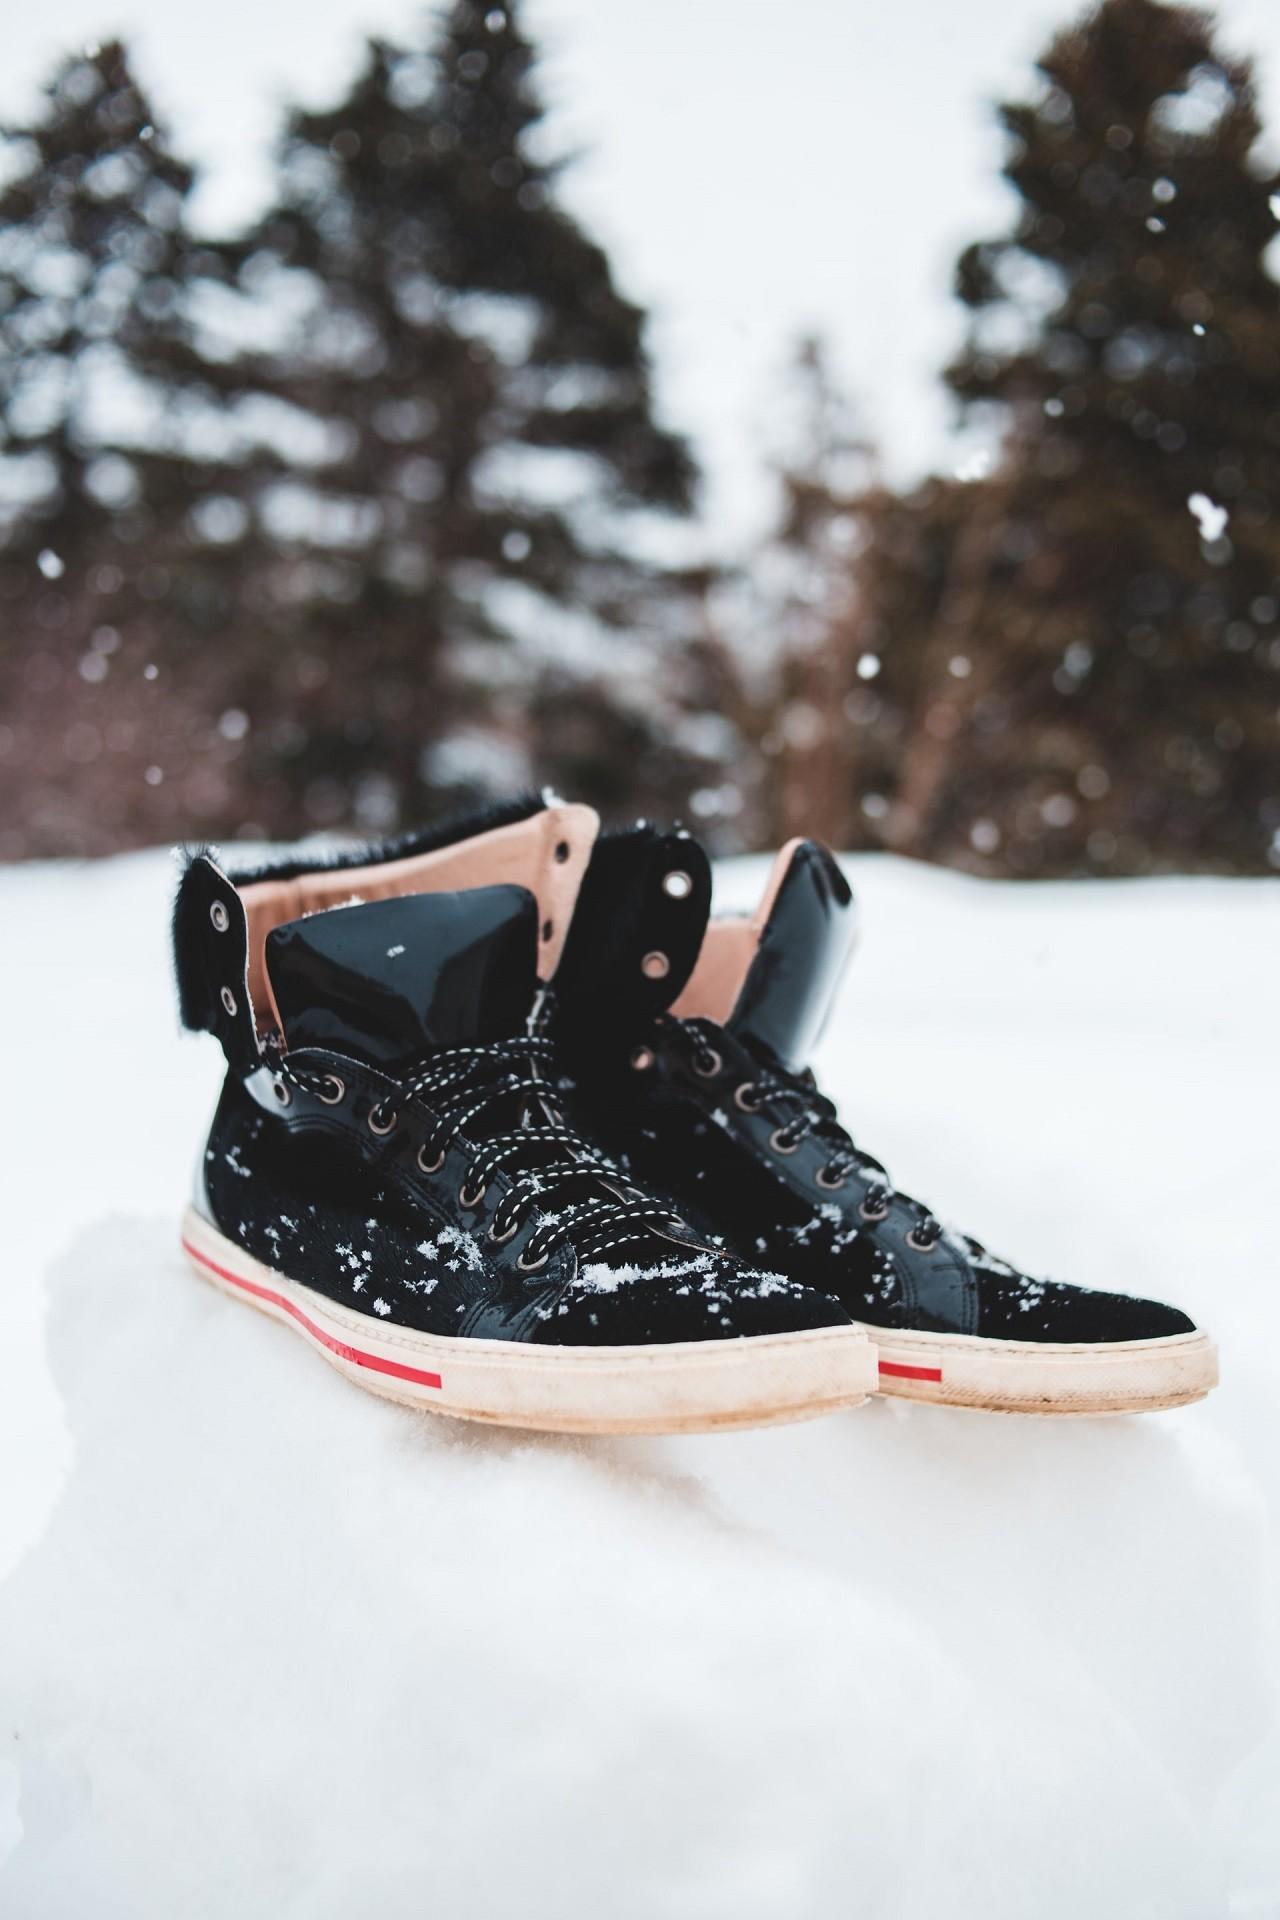 Mit einem elektrischen Schuhtrockner sind Deine Schuhe auch nach einer langen Wanderung im Schnee am nächsten Morgen wieder trocken.